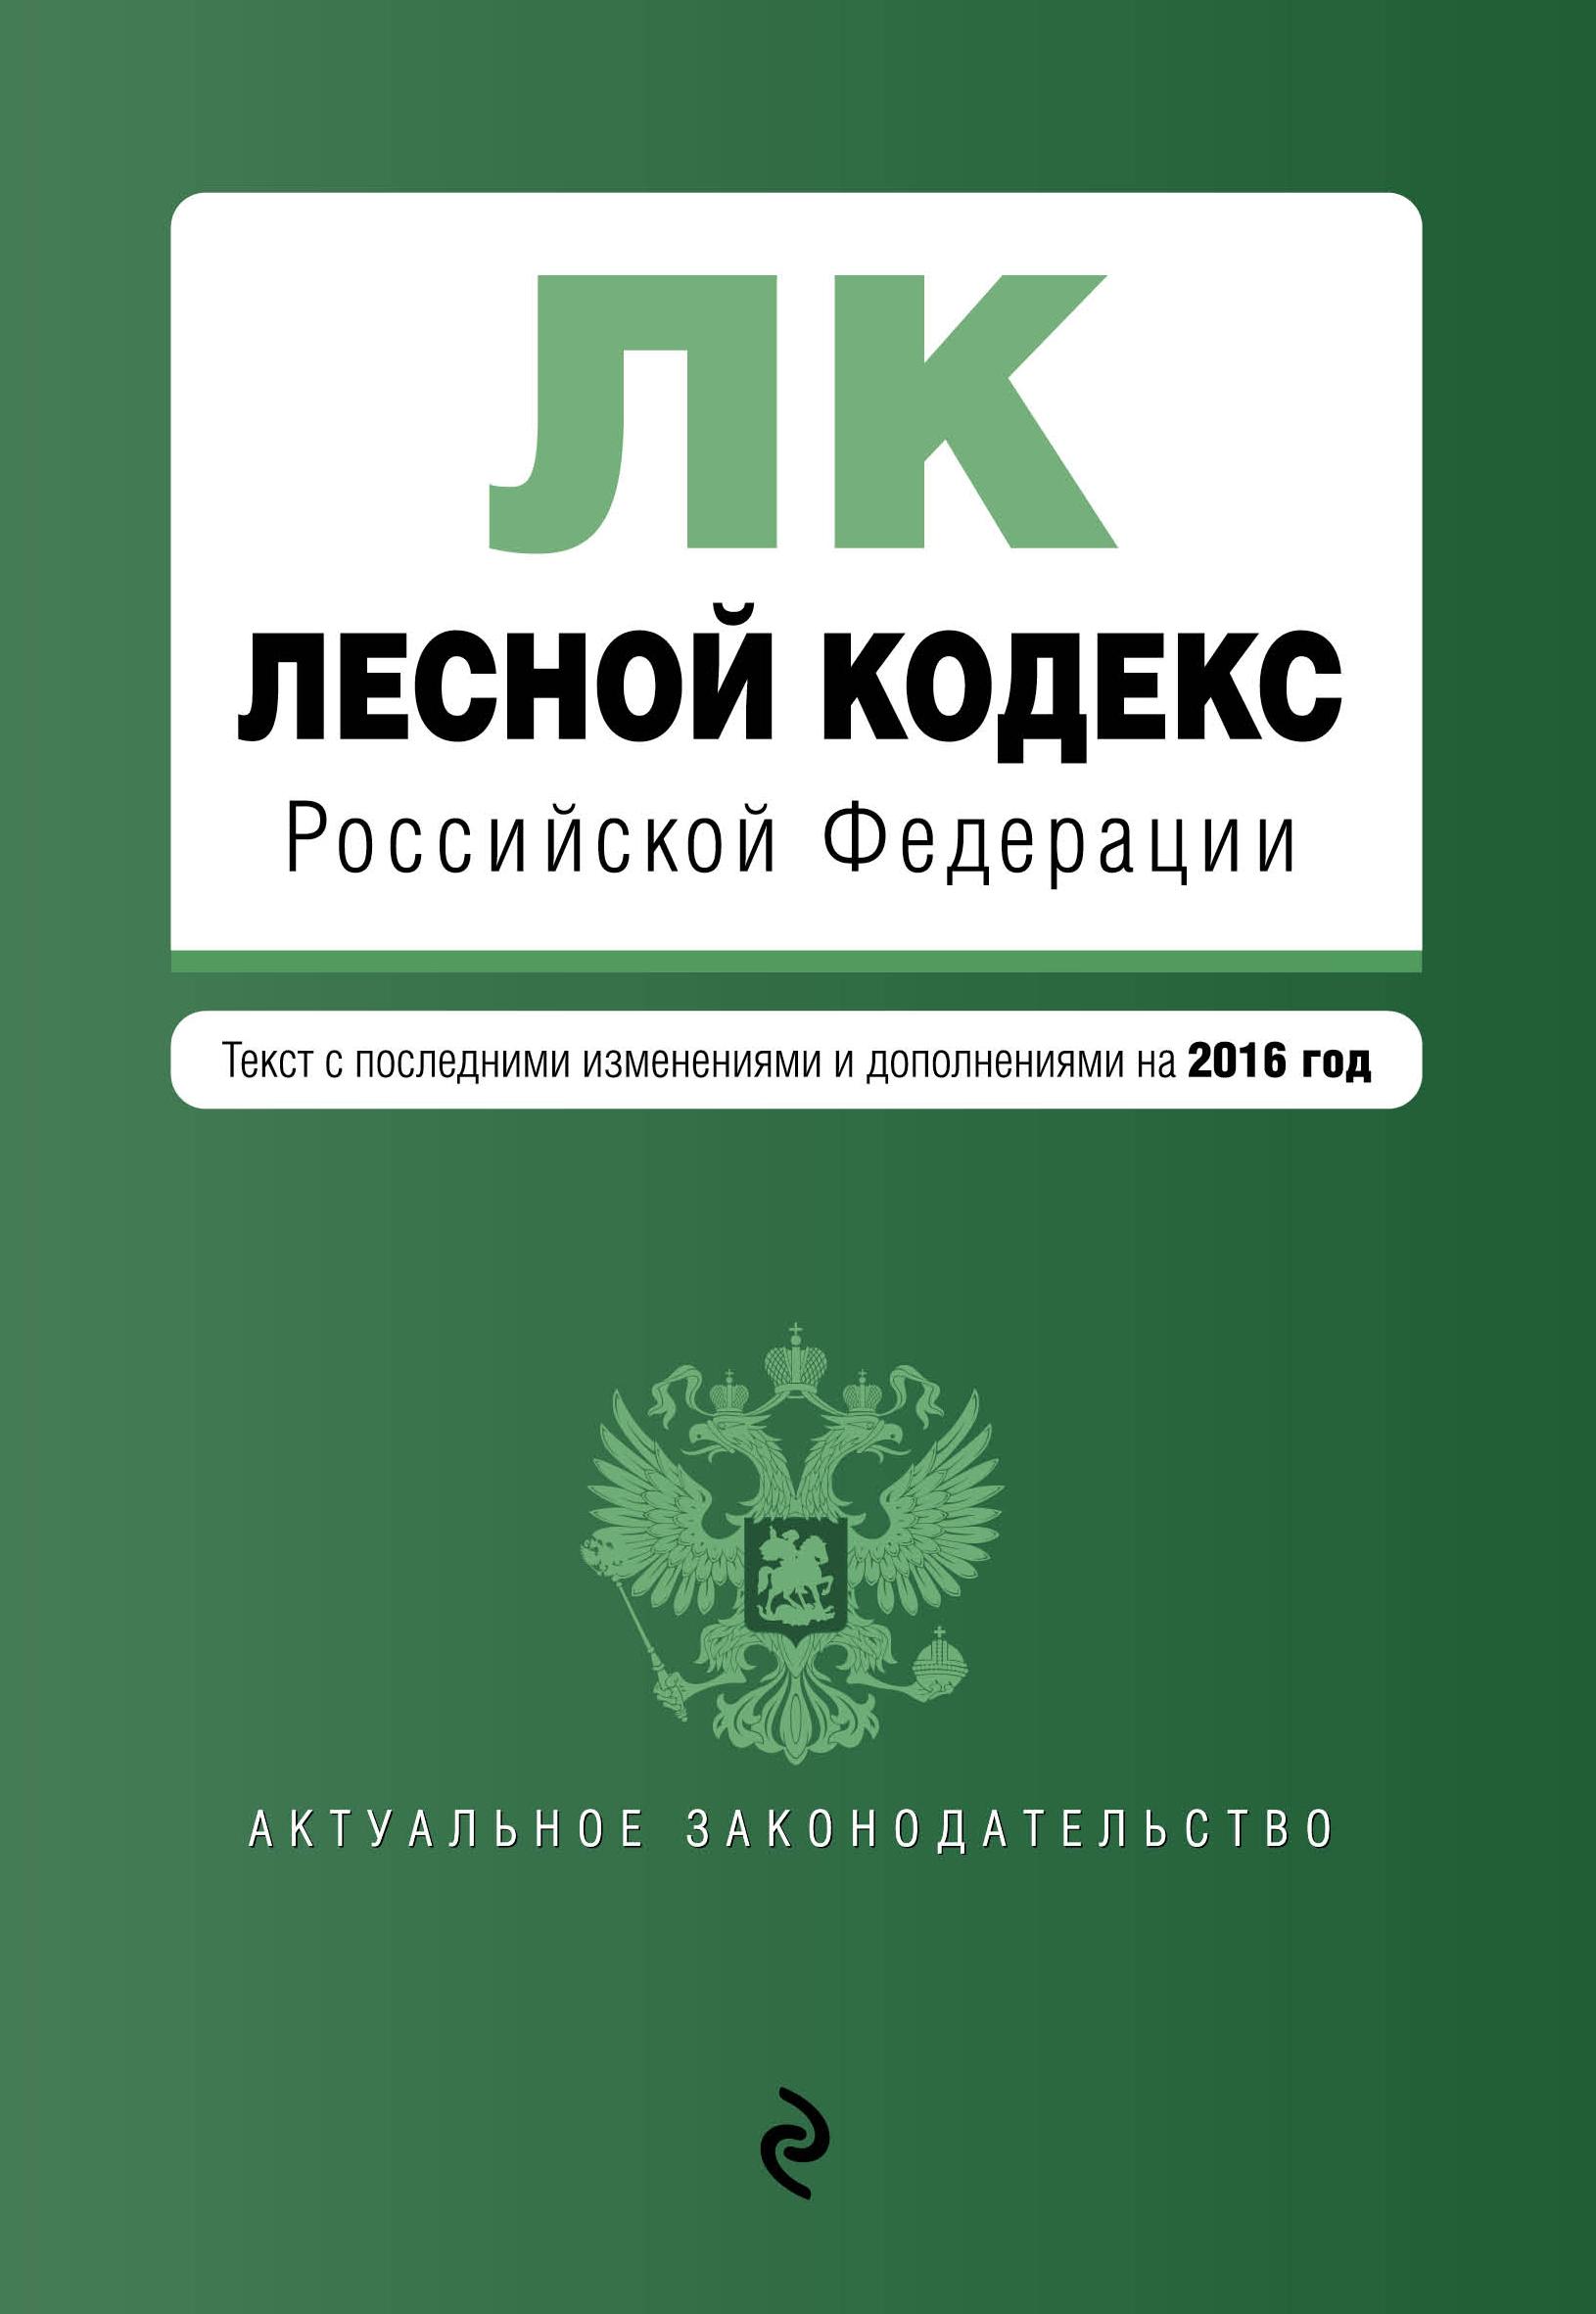 Лесной кодекс Российской Федерации : текст с посл. изм. и доп. на 2016 год